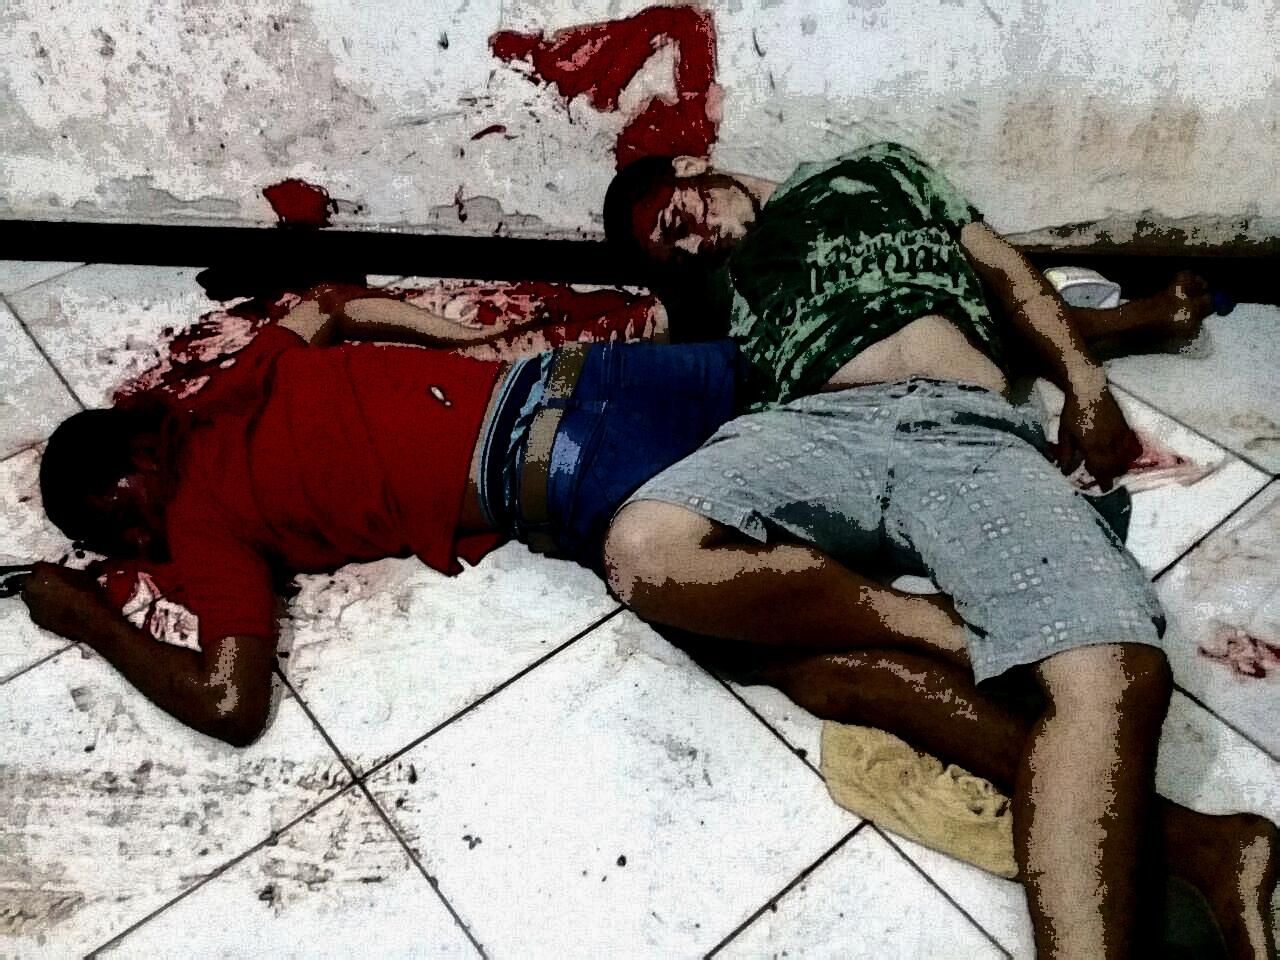 Assaltantes são mortos após invadirem casa no bairro Cidade Jardim